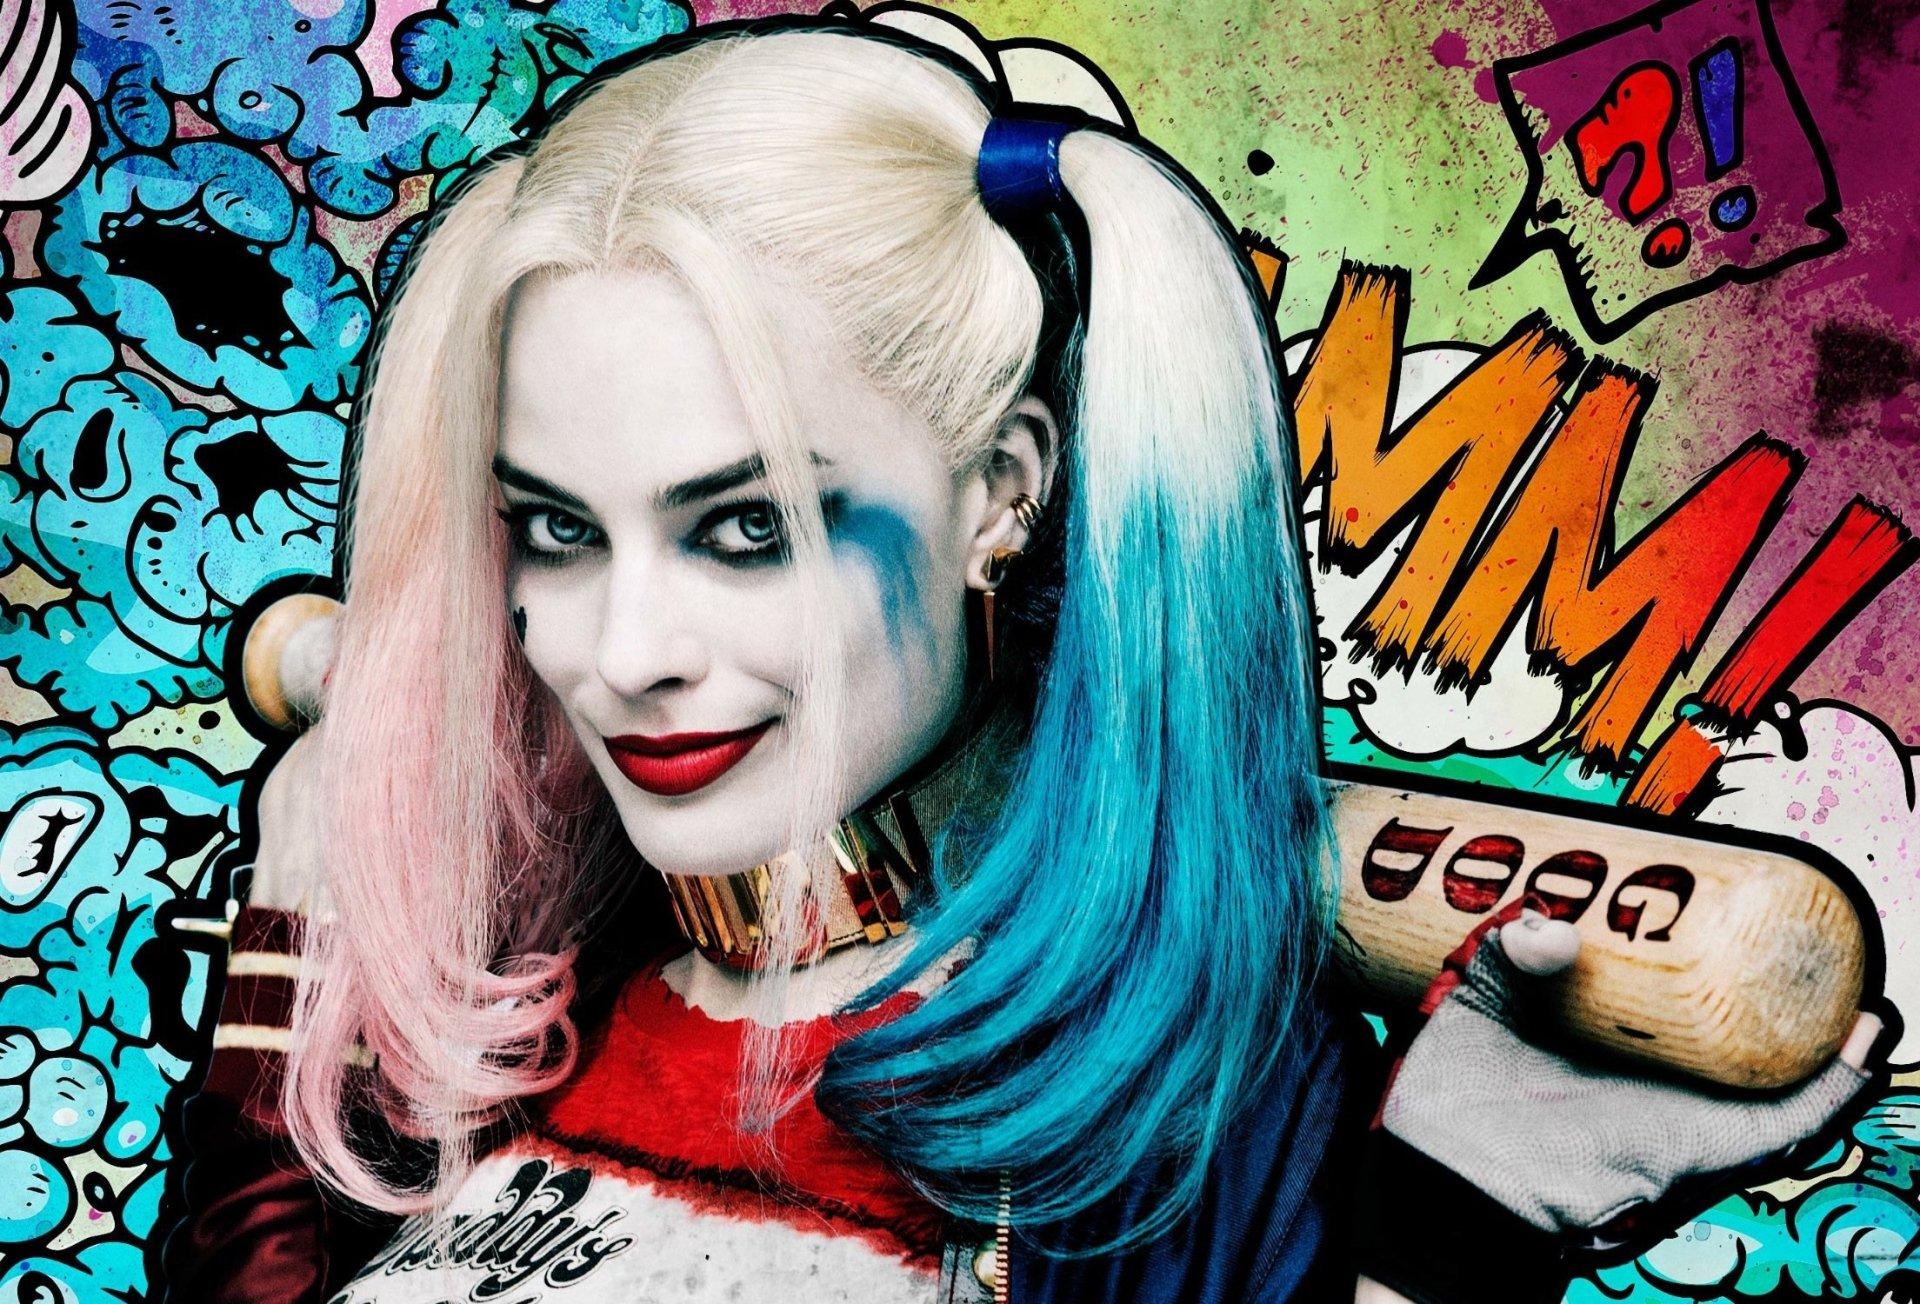 Movie - Suicide Squad  Margot Robbie Harley Quinn Wallpaper